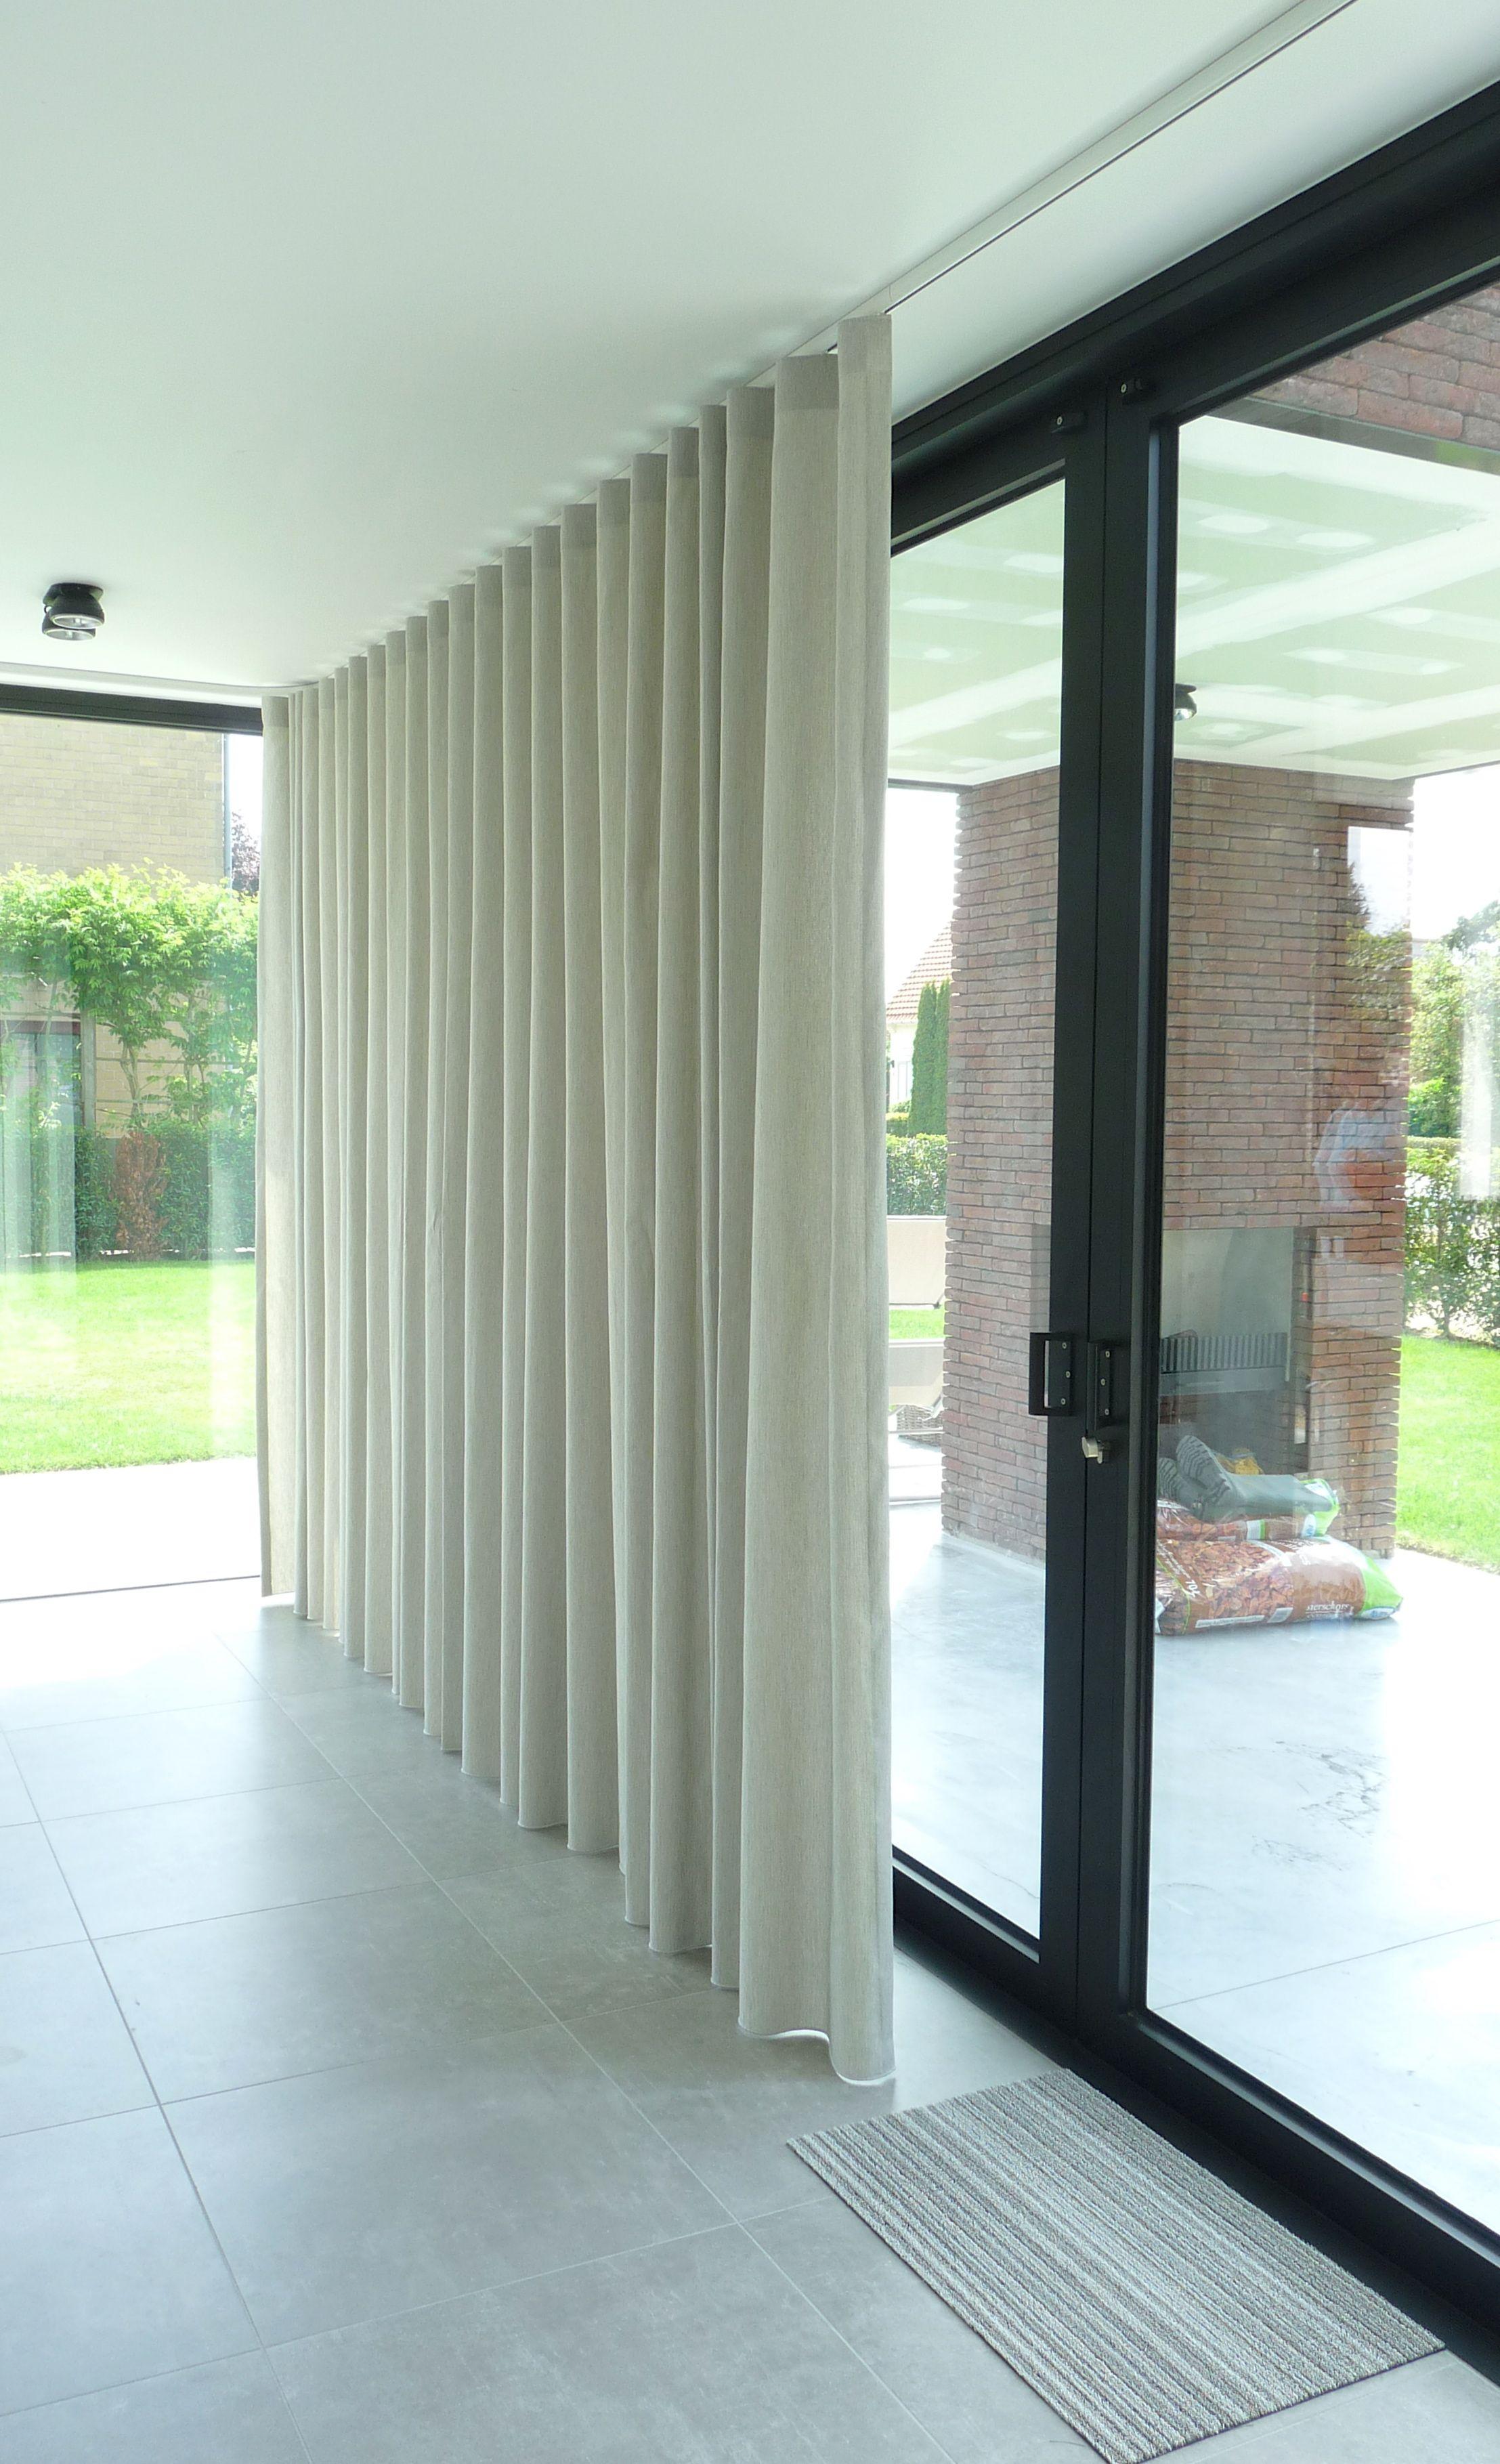 Strakke nieuwbouwwoning met grote ramen die zorgen voor for Gordijnen stof